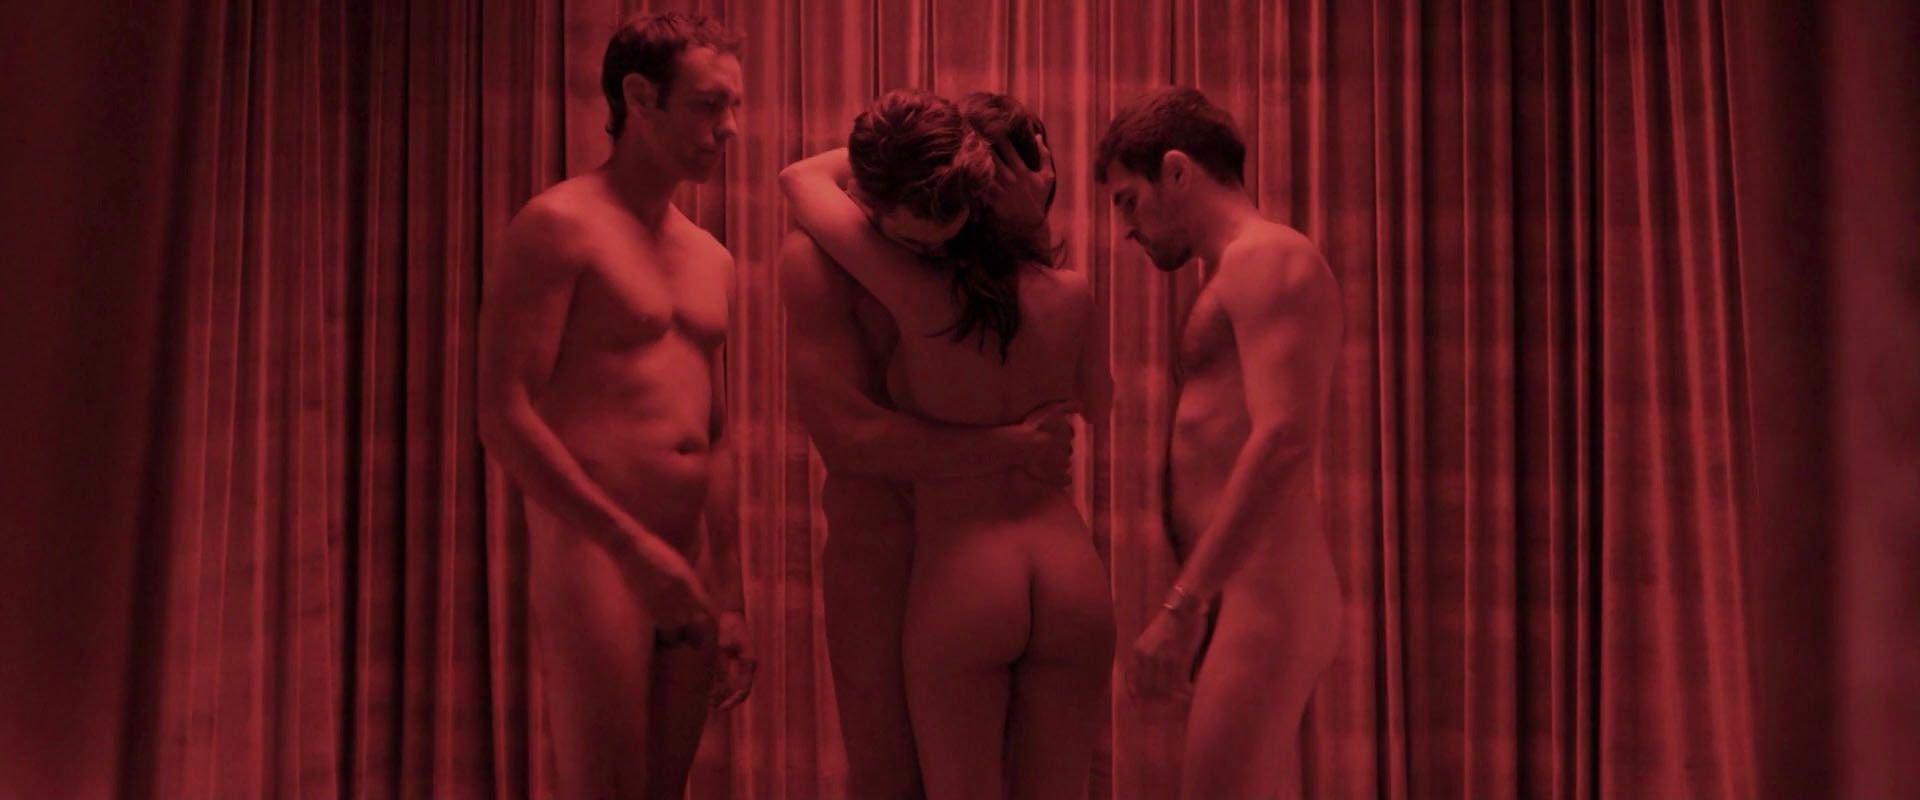 Nortenas nude — photo 2